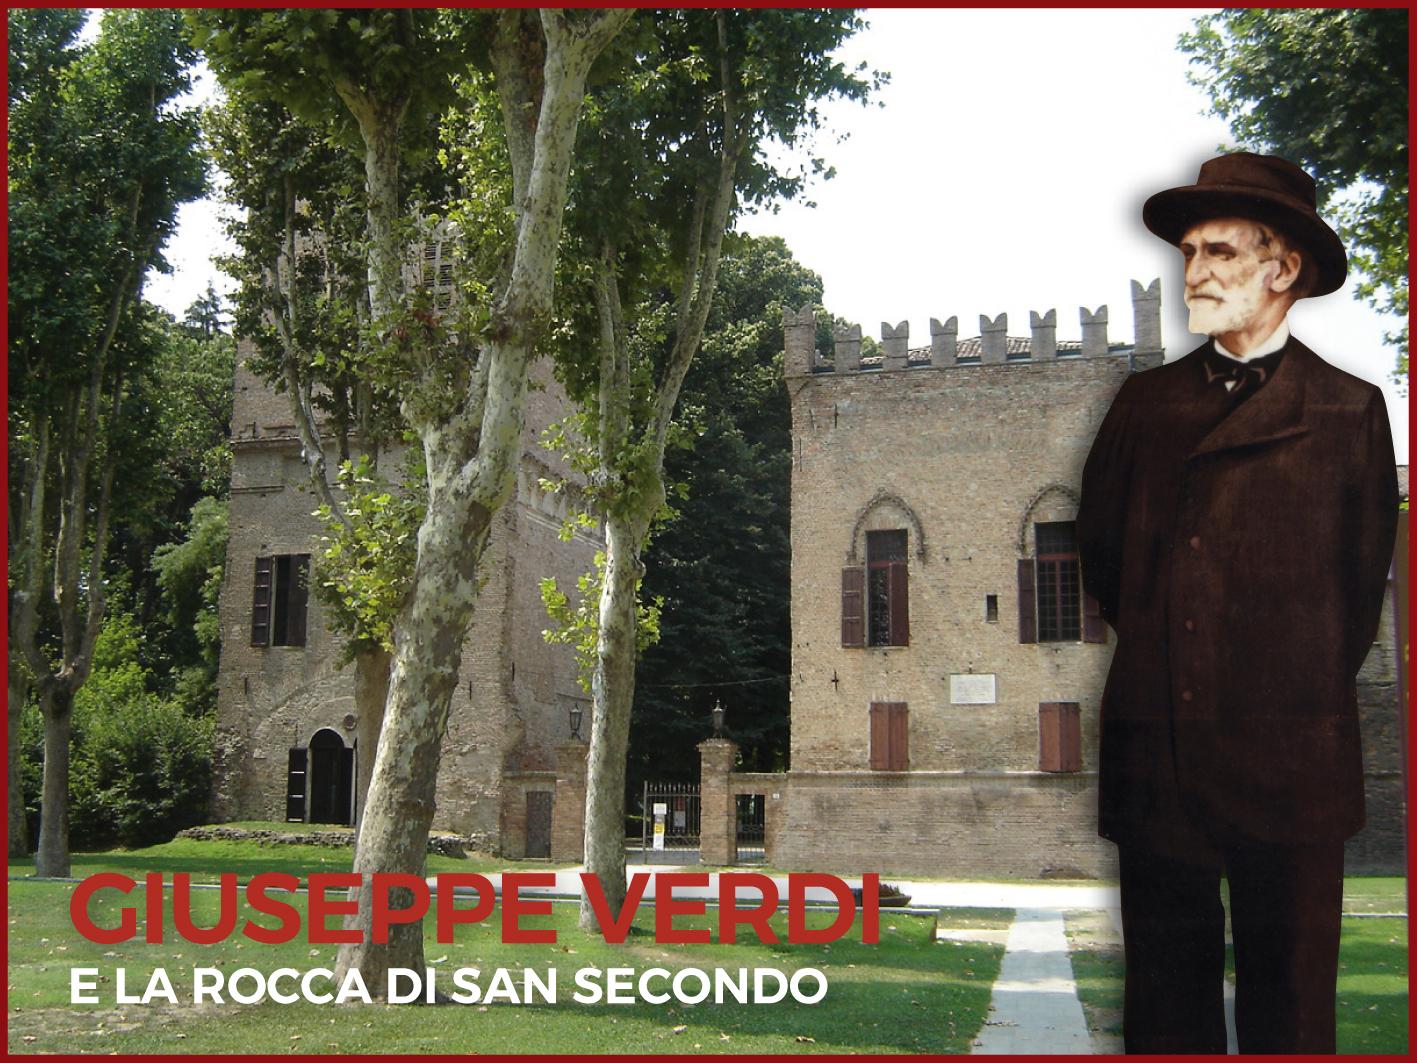 Giuseppe Verdi e la Rocca di San Secondo